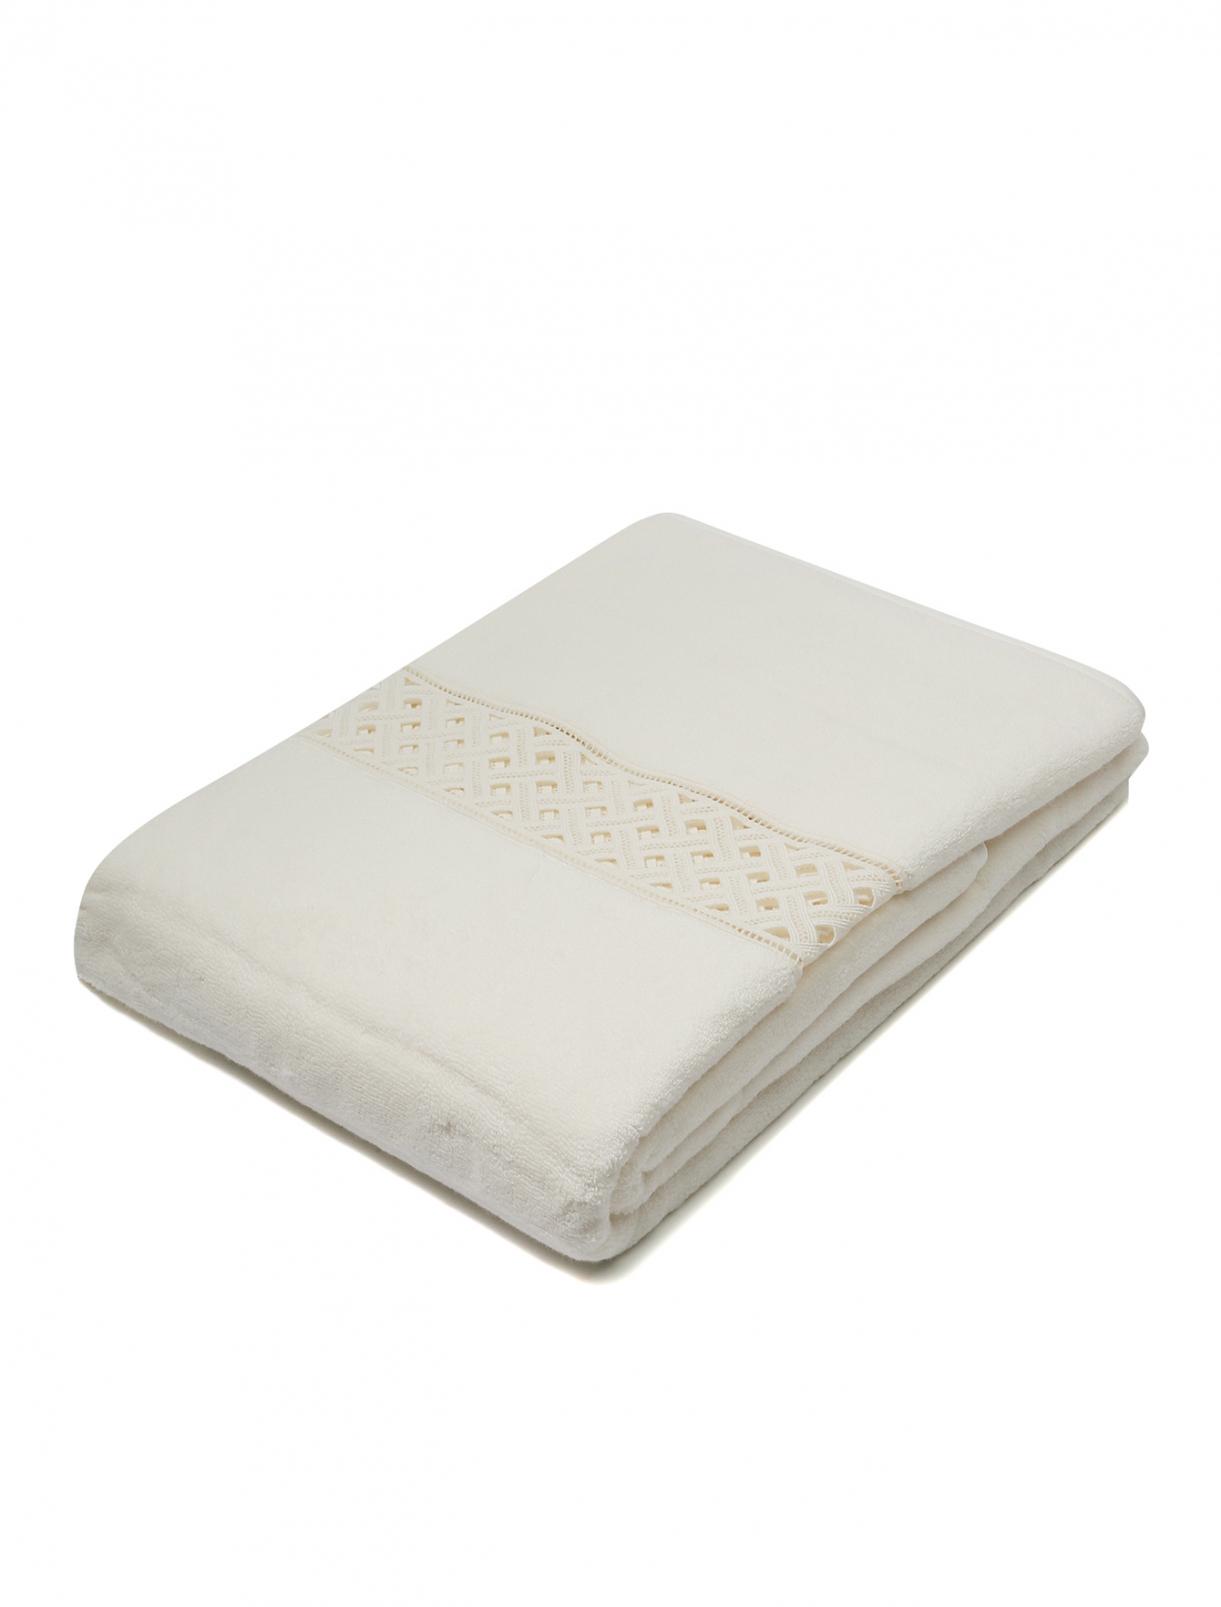 Полотенце из хлопковой махровой ткани с кружевной вставкой 100 x 150 Frette  –  Общий вид